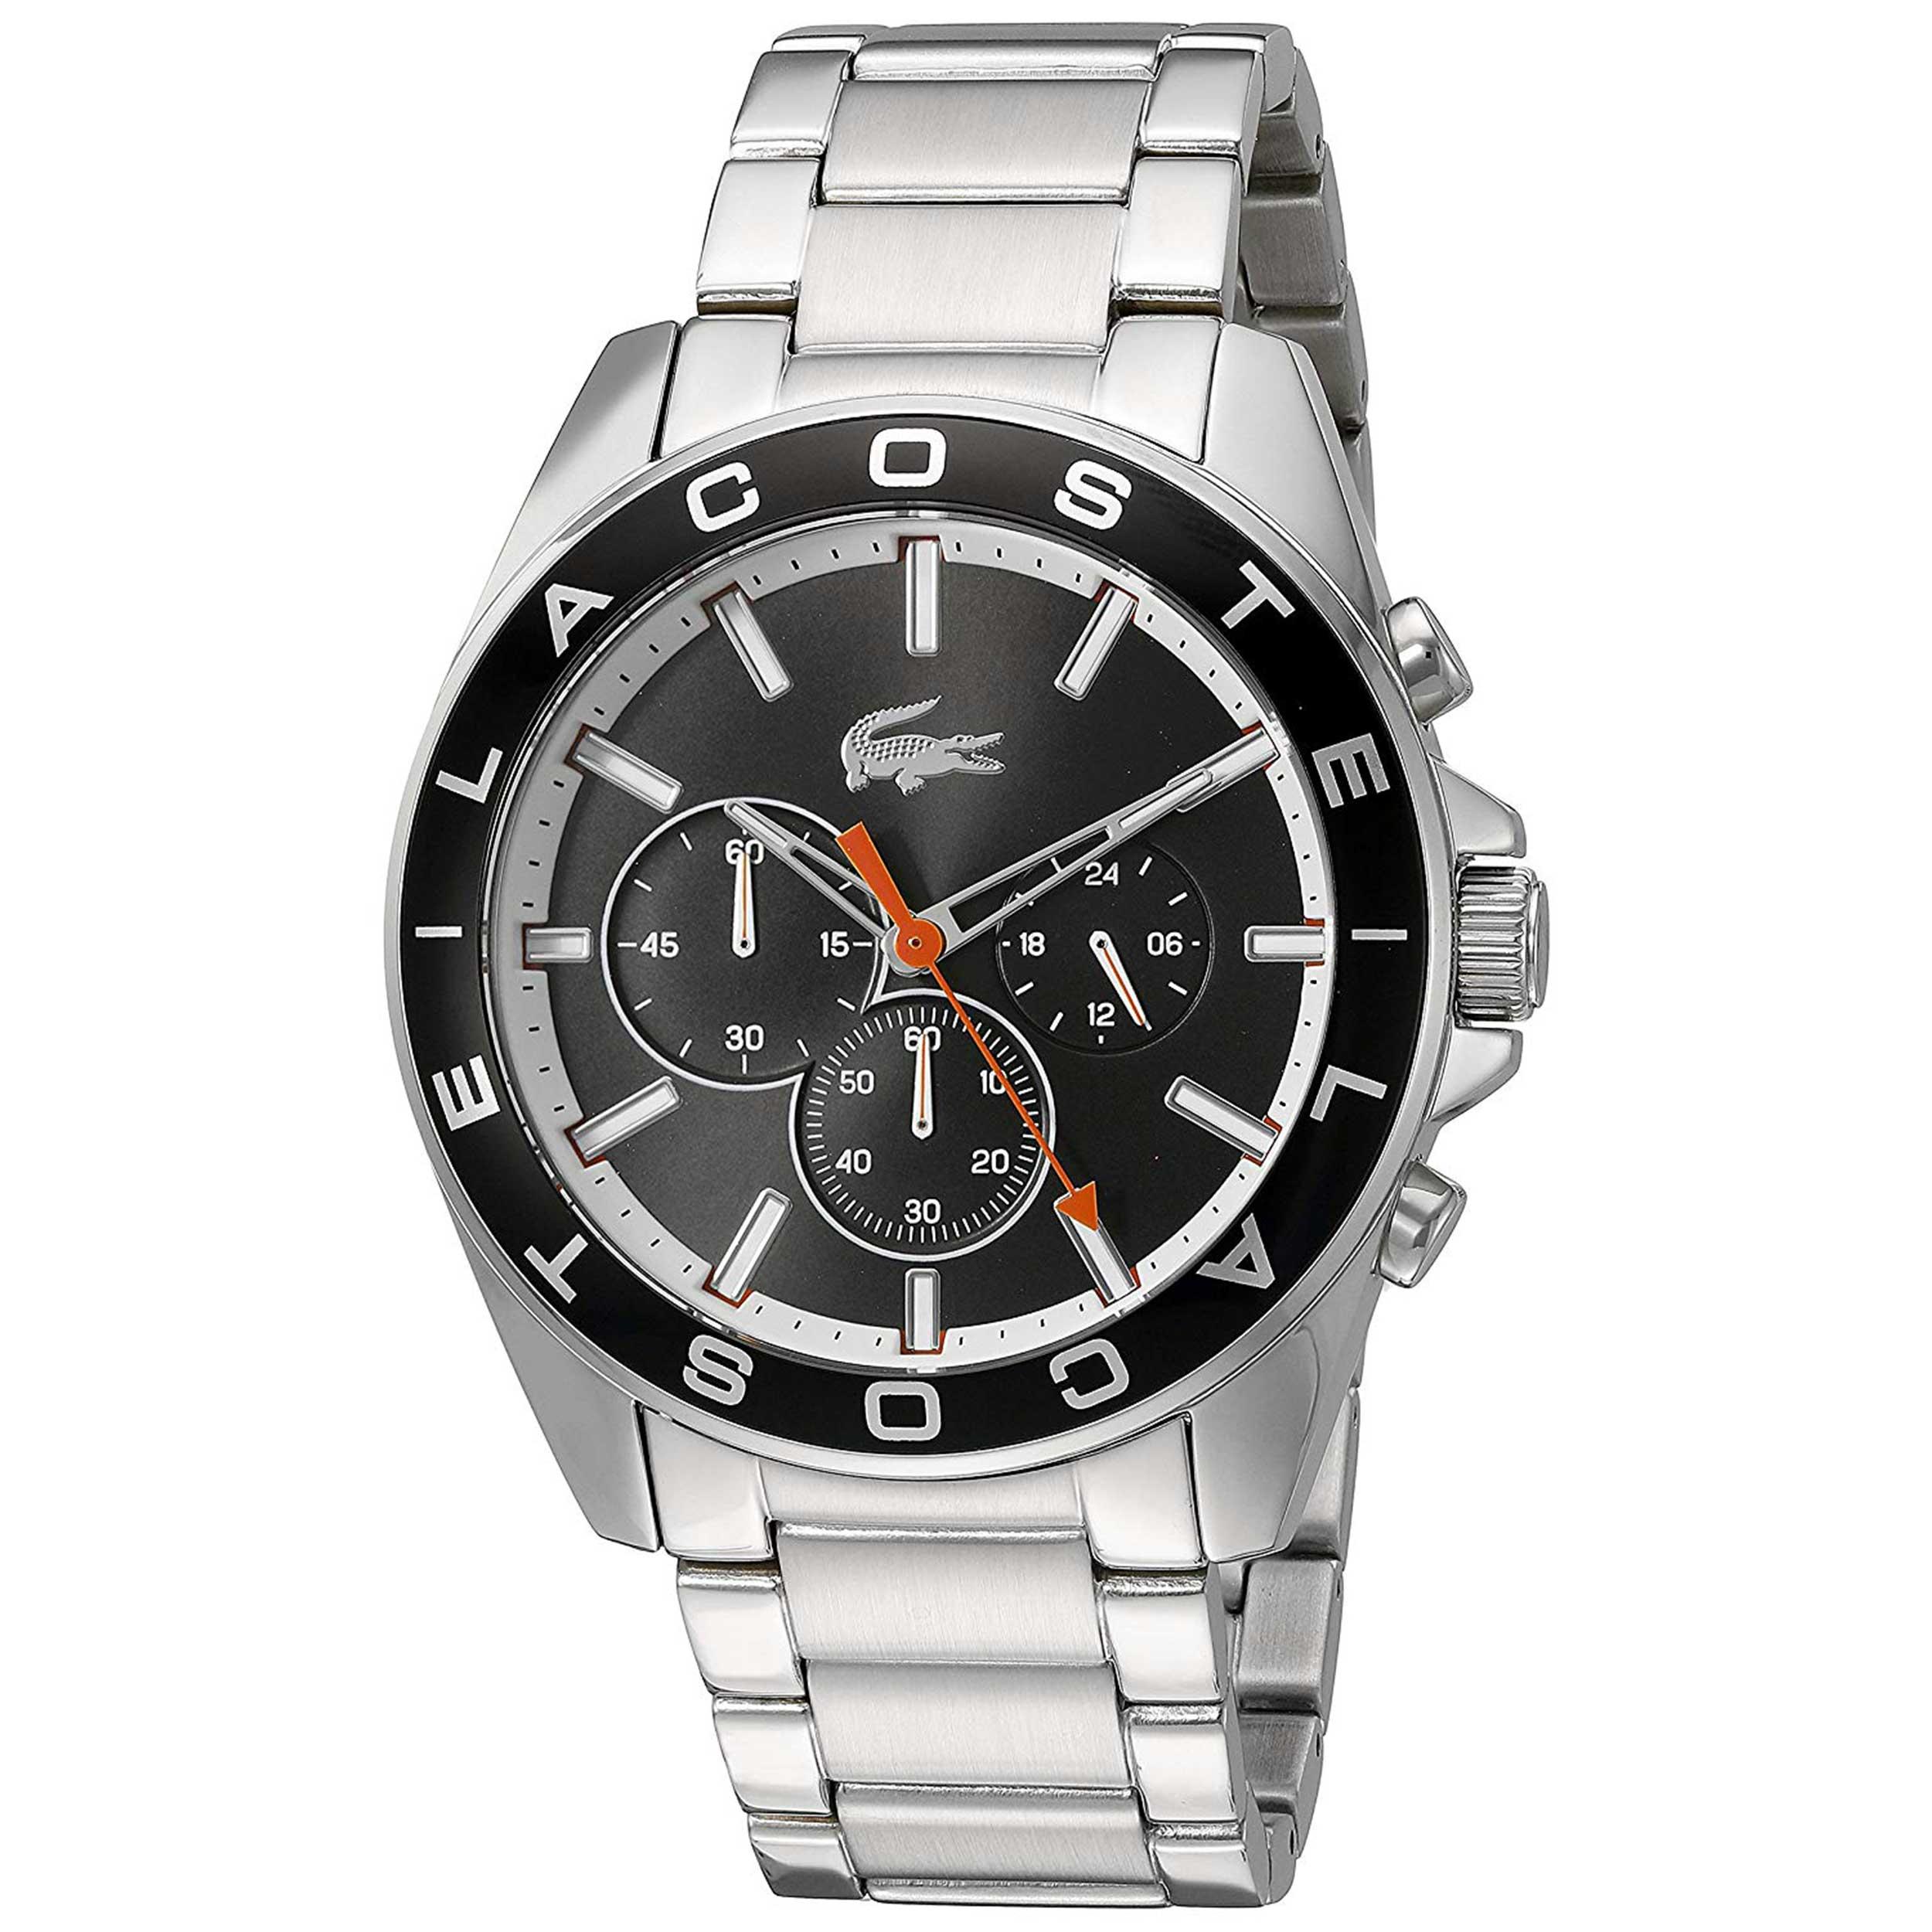 ساعت مچی عقربه ای مردانه لاگوست مدل 2010855              خرید (⭐️⭐️⭐️)